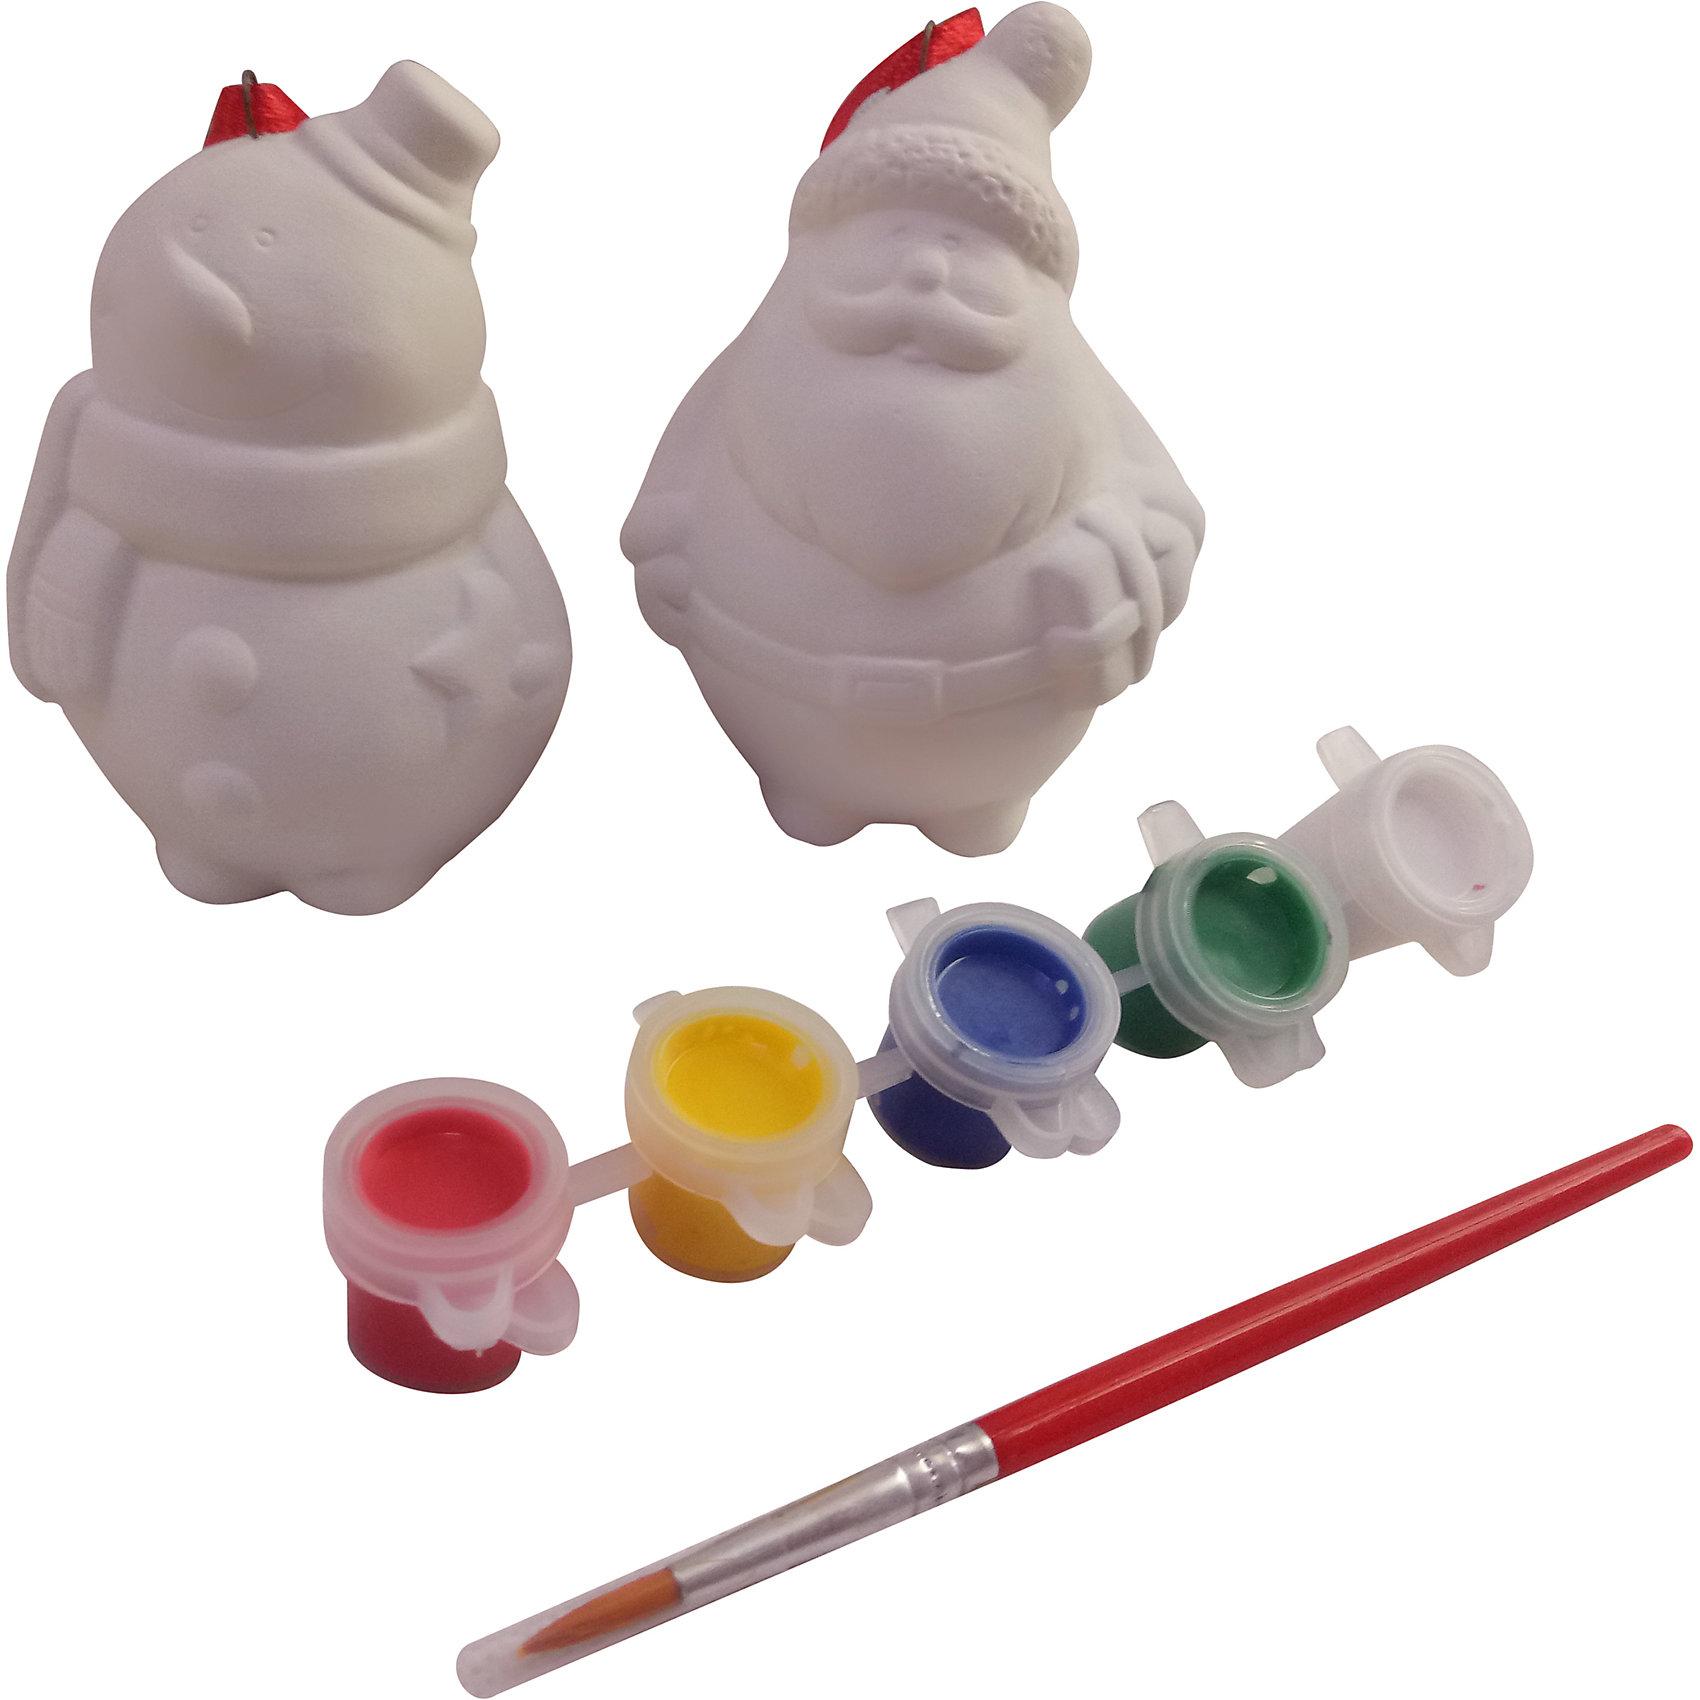 Набор для творчества Дед Мороз и Снеговик, BondibonНабор для творчества Дед Мороз и Снеговик, Bondibon (Бондибон).<br><br>Характеристики:<br><br>• Материал: керамика, краски, текстиль.<br>• В набор входит: <br>- 2 керамическая фигурка (Дед Мороз и снеговик) для раскрашивания, <br>- краски 3 цвета,<br>- кисточка, <br>- инструкция.<br><br>Создайте новогоднее настроение вместе со своими детьми! Набор для творчества Дед Мороз и Снеговик, поможет вам провести творчески досуг и создаст праздничное настроение. В наборе керамические фигурки Деда Мороза и Снеговика для раскрашивания, которые ваш ребенок может раскрасить по своему вкусу. Раскрашивать изделия из керамики - очень интересно и увлекательно. Такие фигурки, раскрашенные вручную, станут отличным подарком! Работа с таким набором помогает развить творческие способности, усидчивость, внимательность, самостоятельность, координацию движений.<br><br>Набор для творчества Дед Мороз и Снеговик, Bondibon (Бондибон), можно купить в нашем интернет – магазине.<br><br>Ширина мм: 160<br>Глубина мм: 60<br>Высота мм: 130<br>Вес г: 192<br>Возраст от месяцев: 60<br>Возраст до месяцев: 1188<br>Пол: Унисекс<br>Возраст: Детский<br>SKU: 5124546